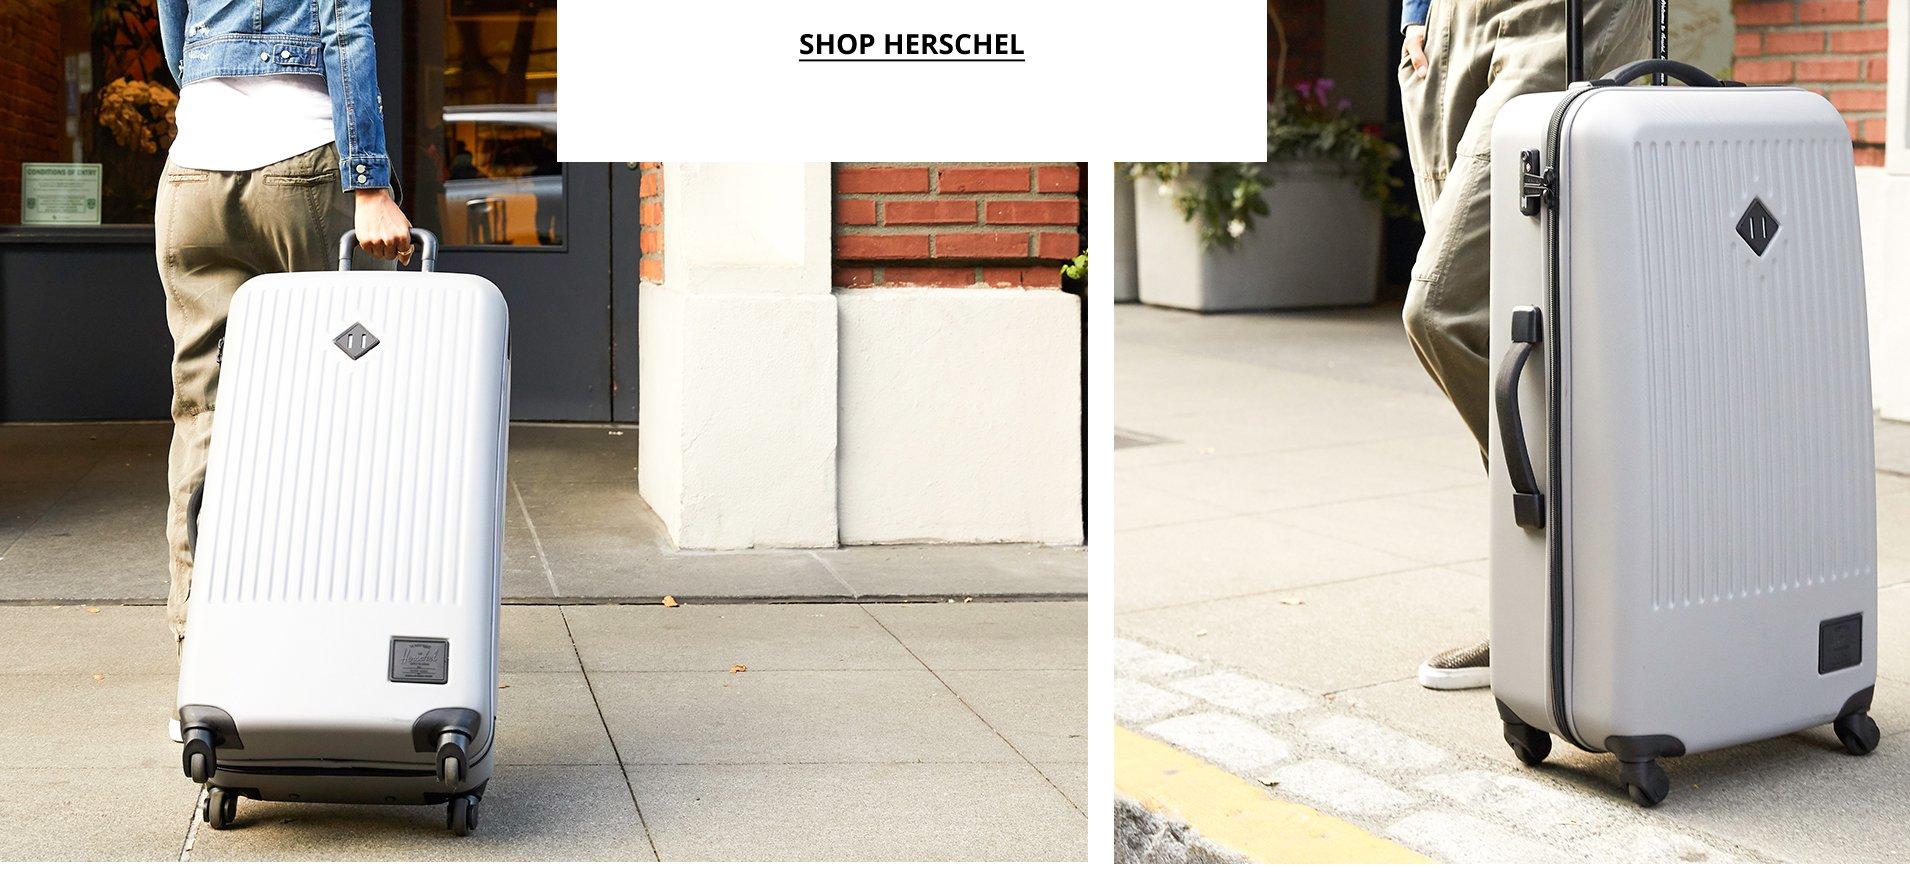 Shop Herschel